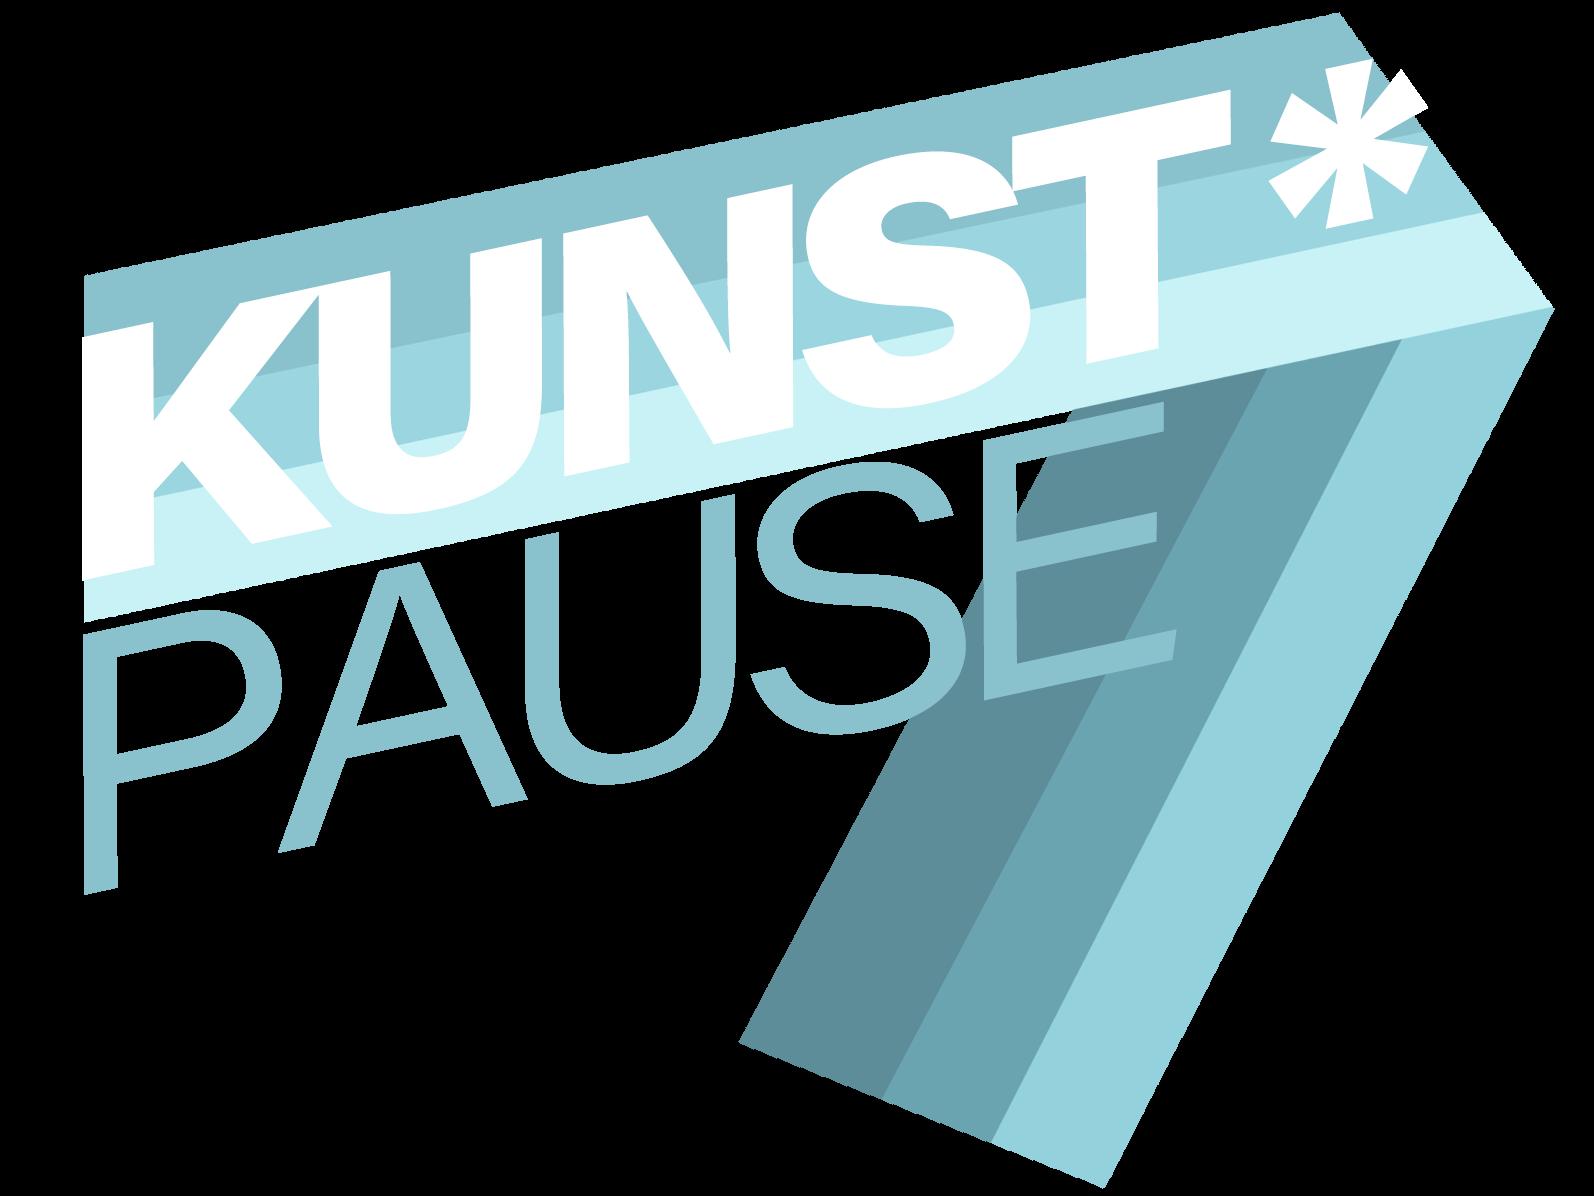 KUNST*PAUSE